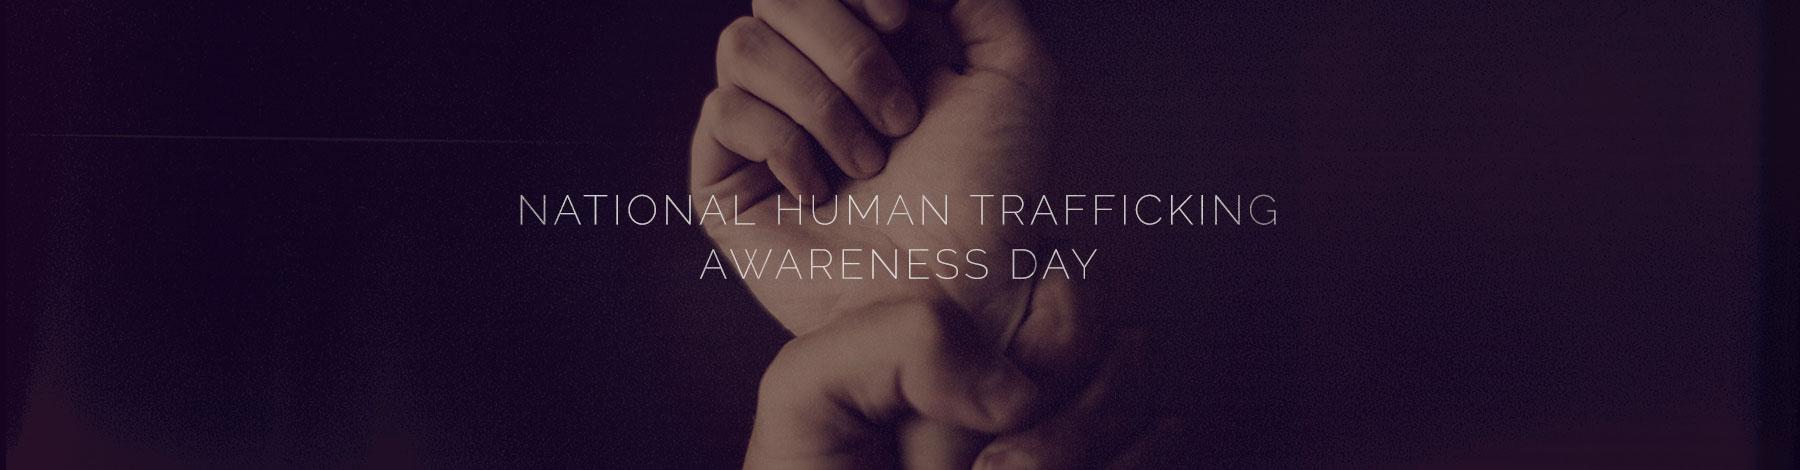 National-Human-Trafficking-Awareness-Day-1-9-15 (1)